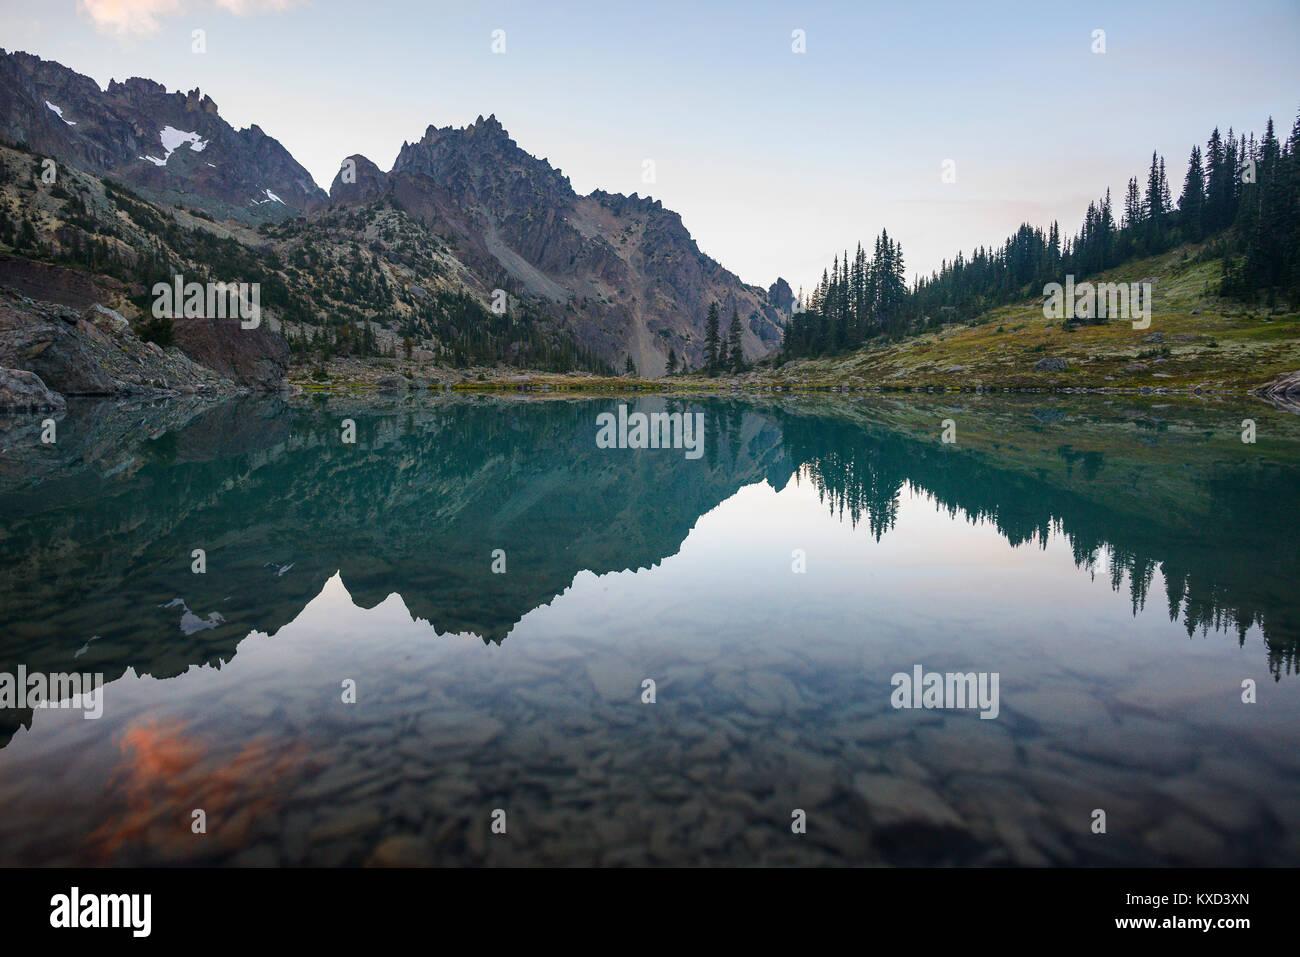 Voir la symétrie du lac de montagnes contre ciel nuageux à l'Olympic National Park Photo Stock